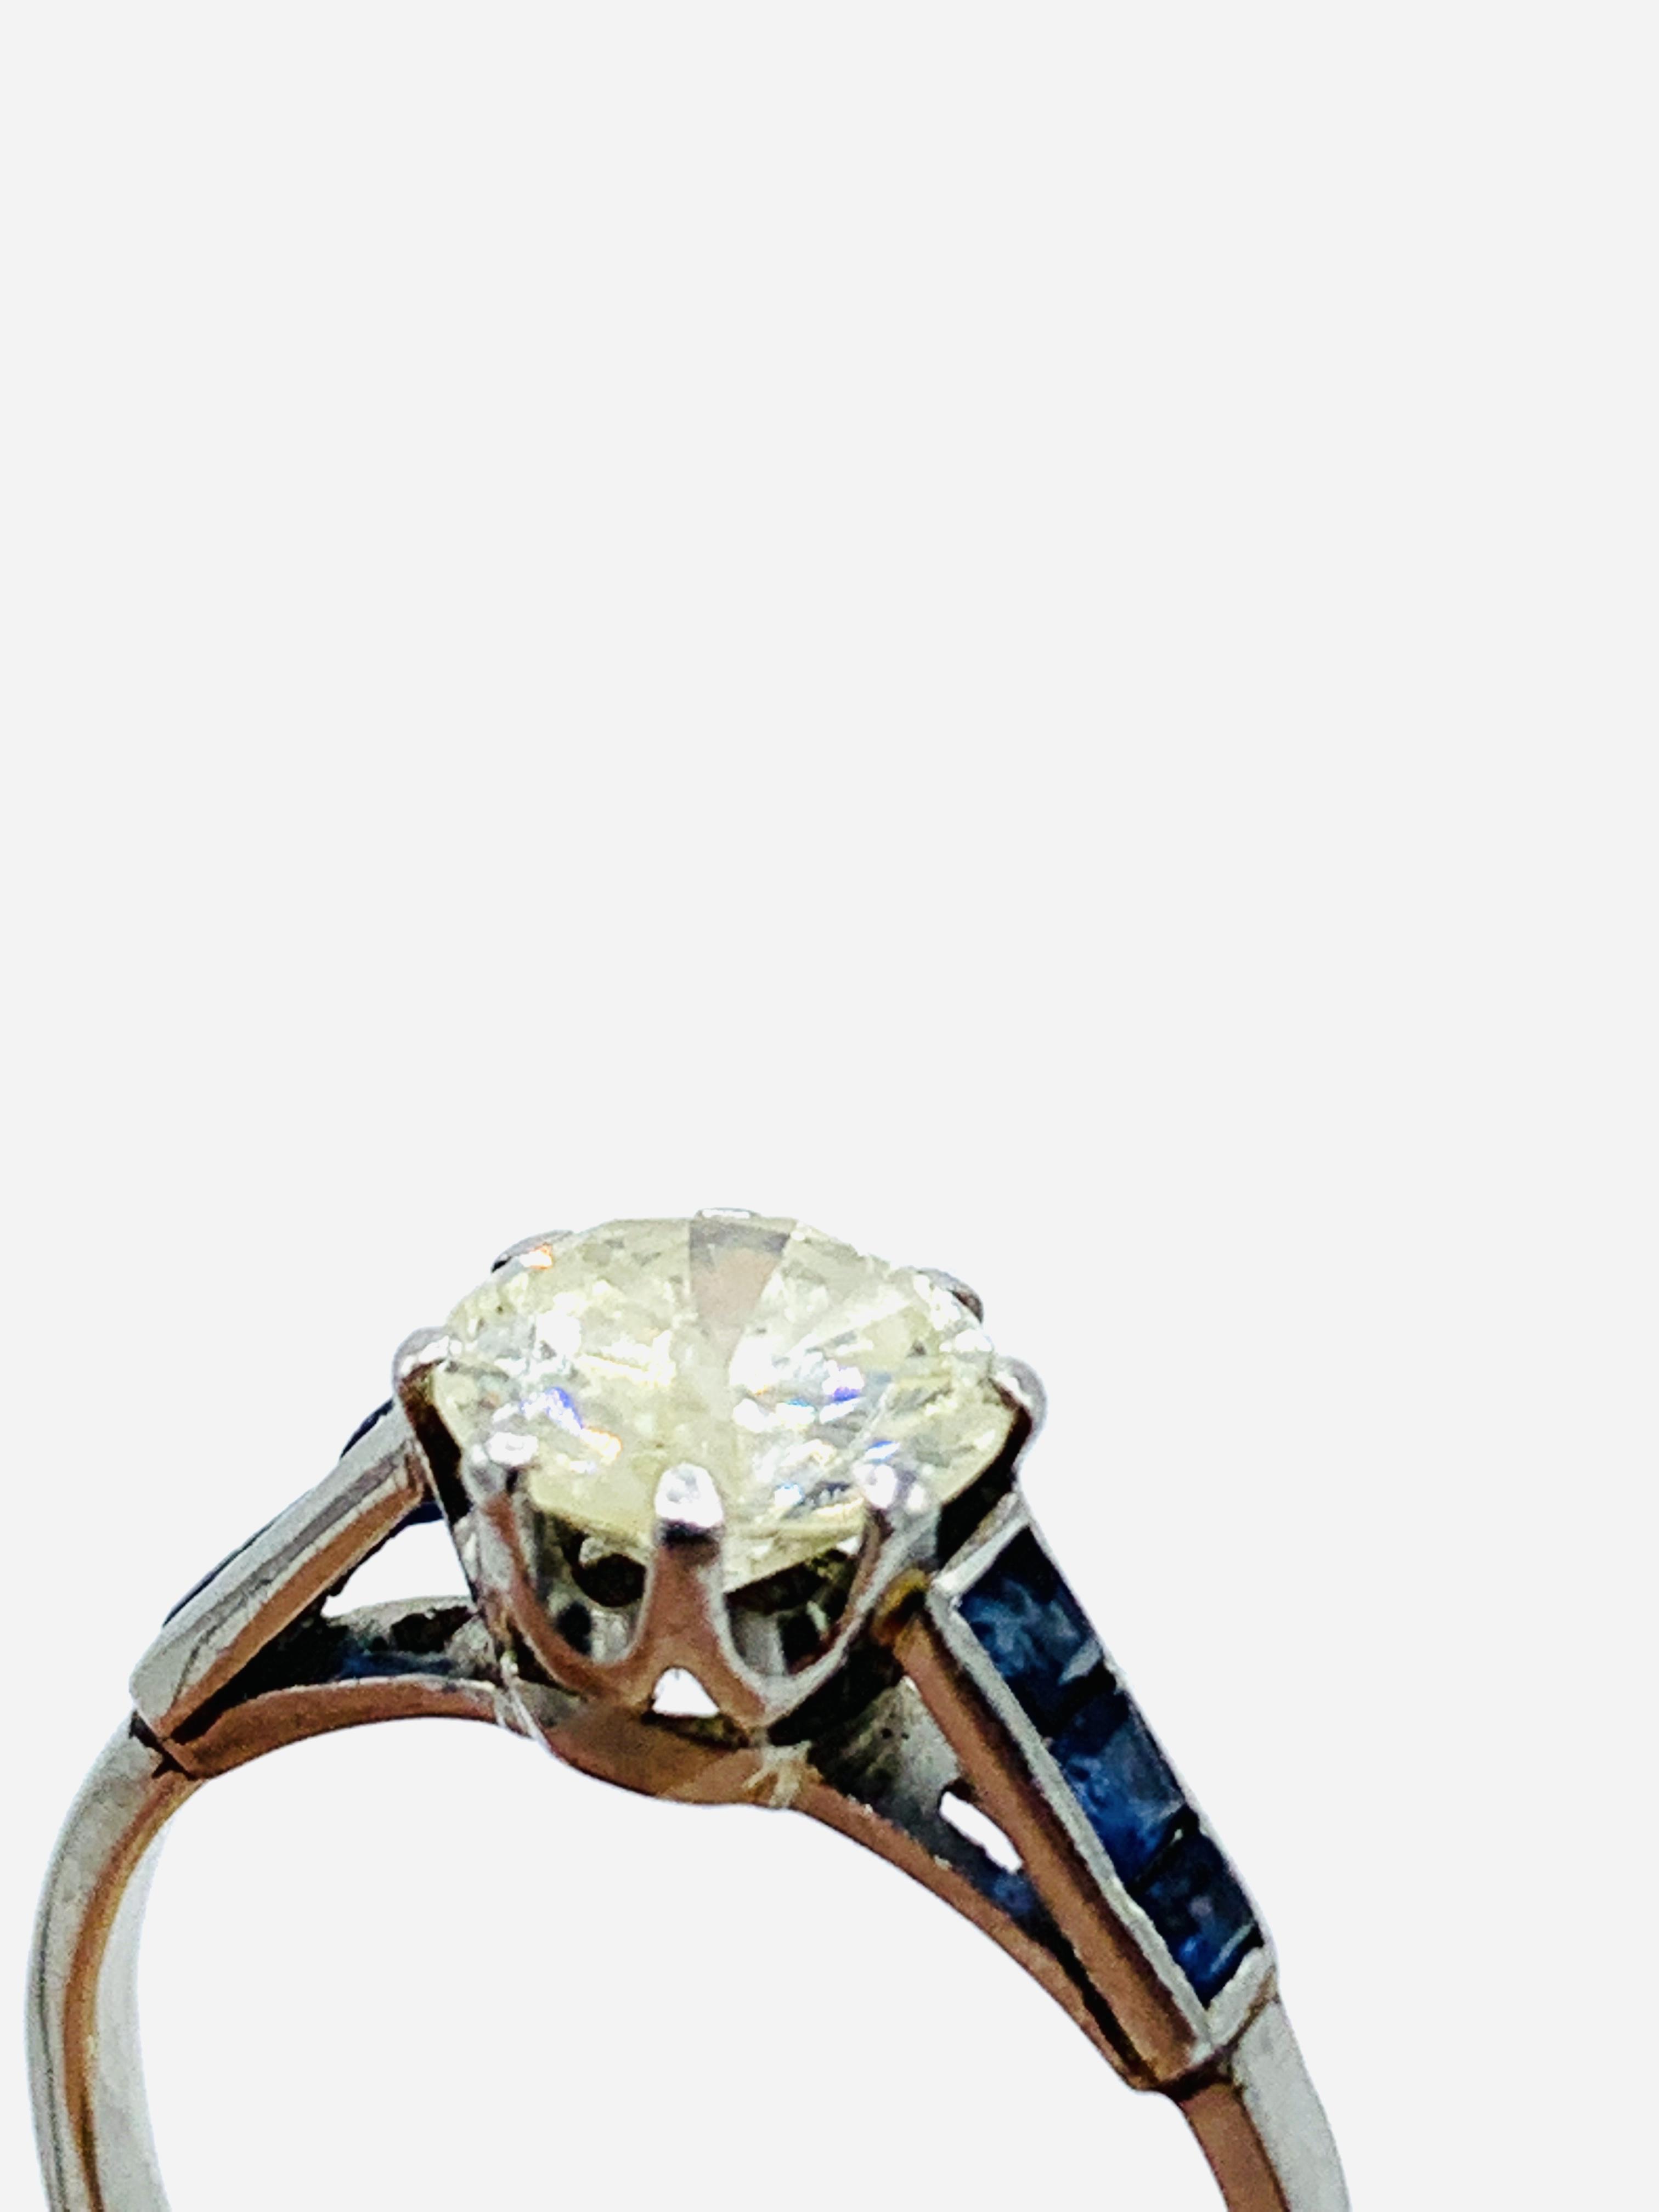 Platinum solitaire diamond ring - Image 2 of 5